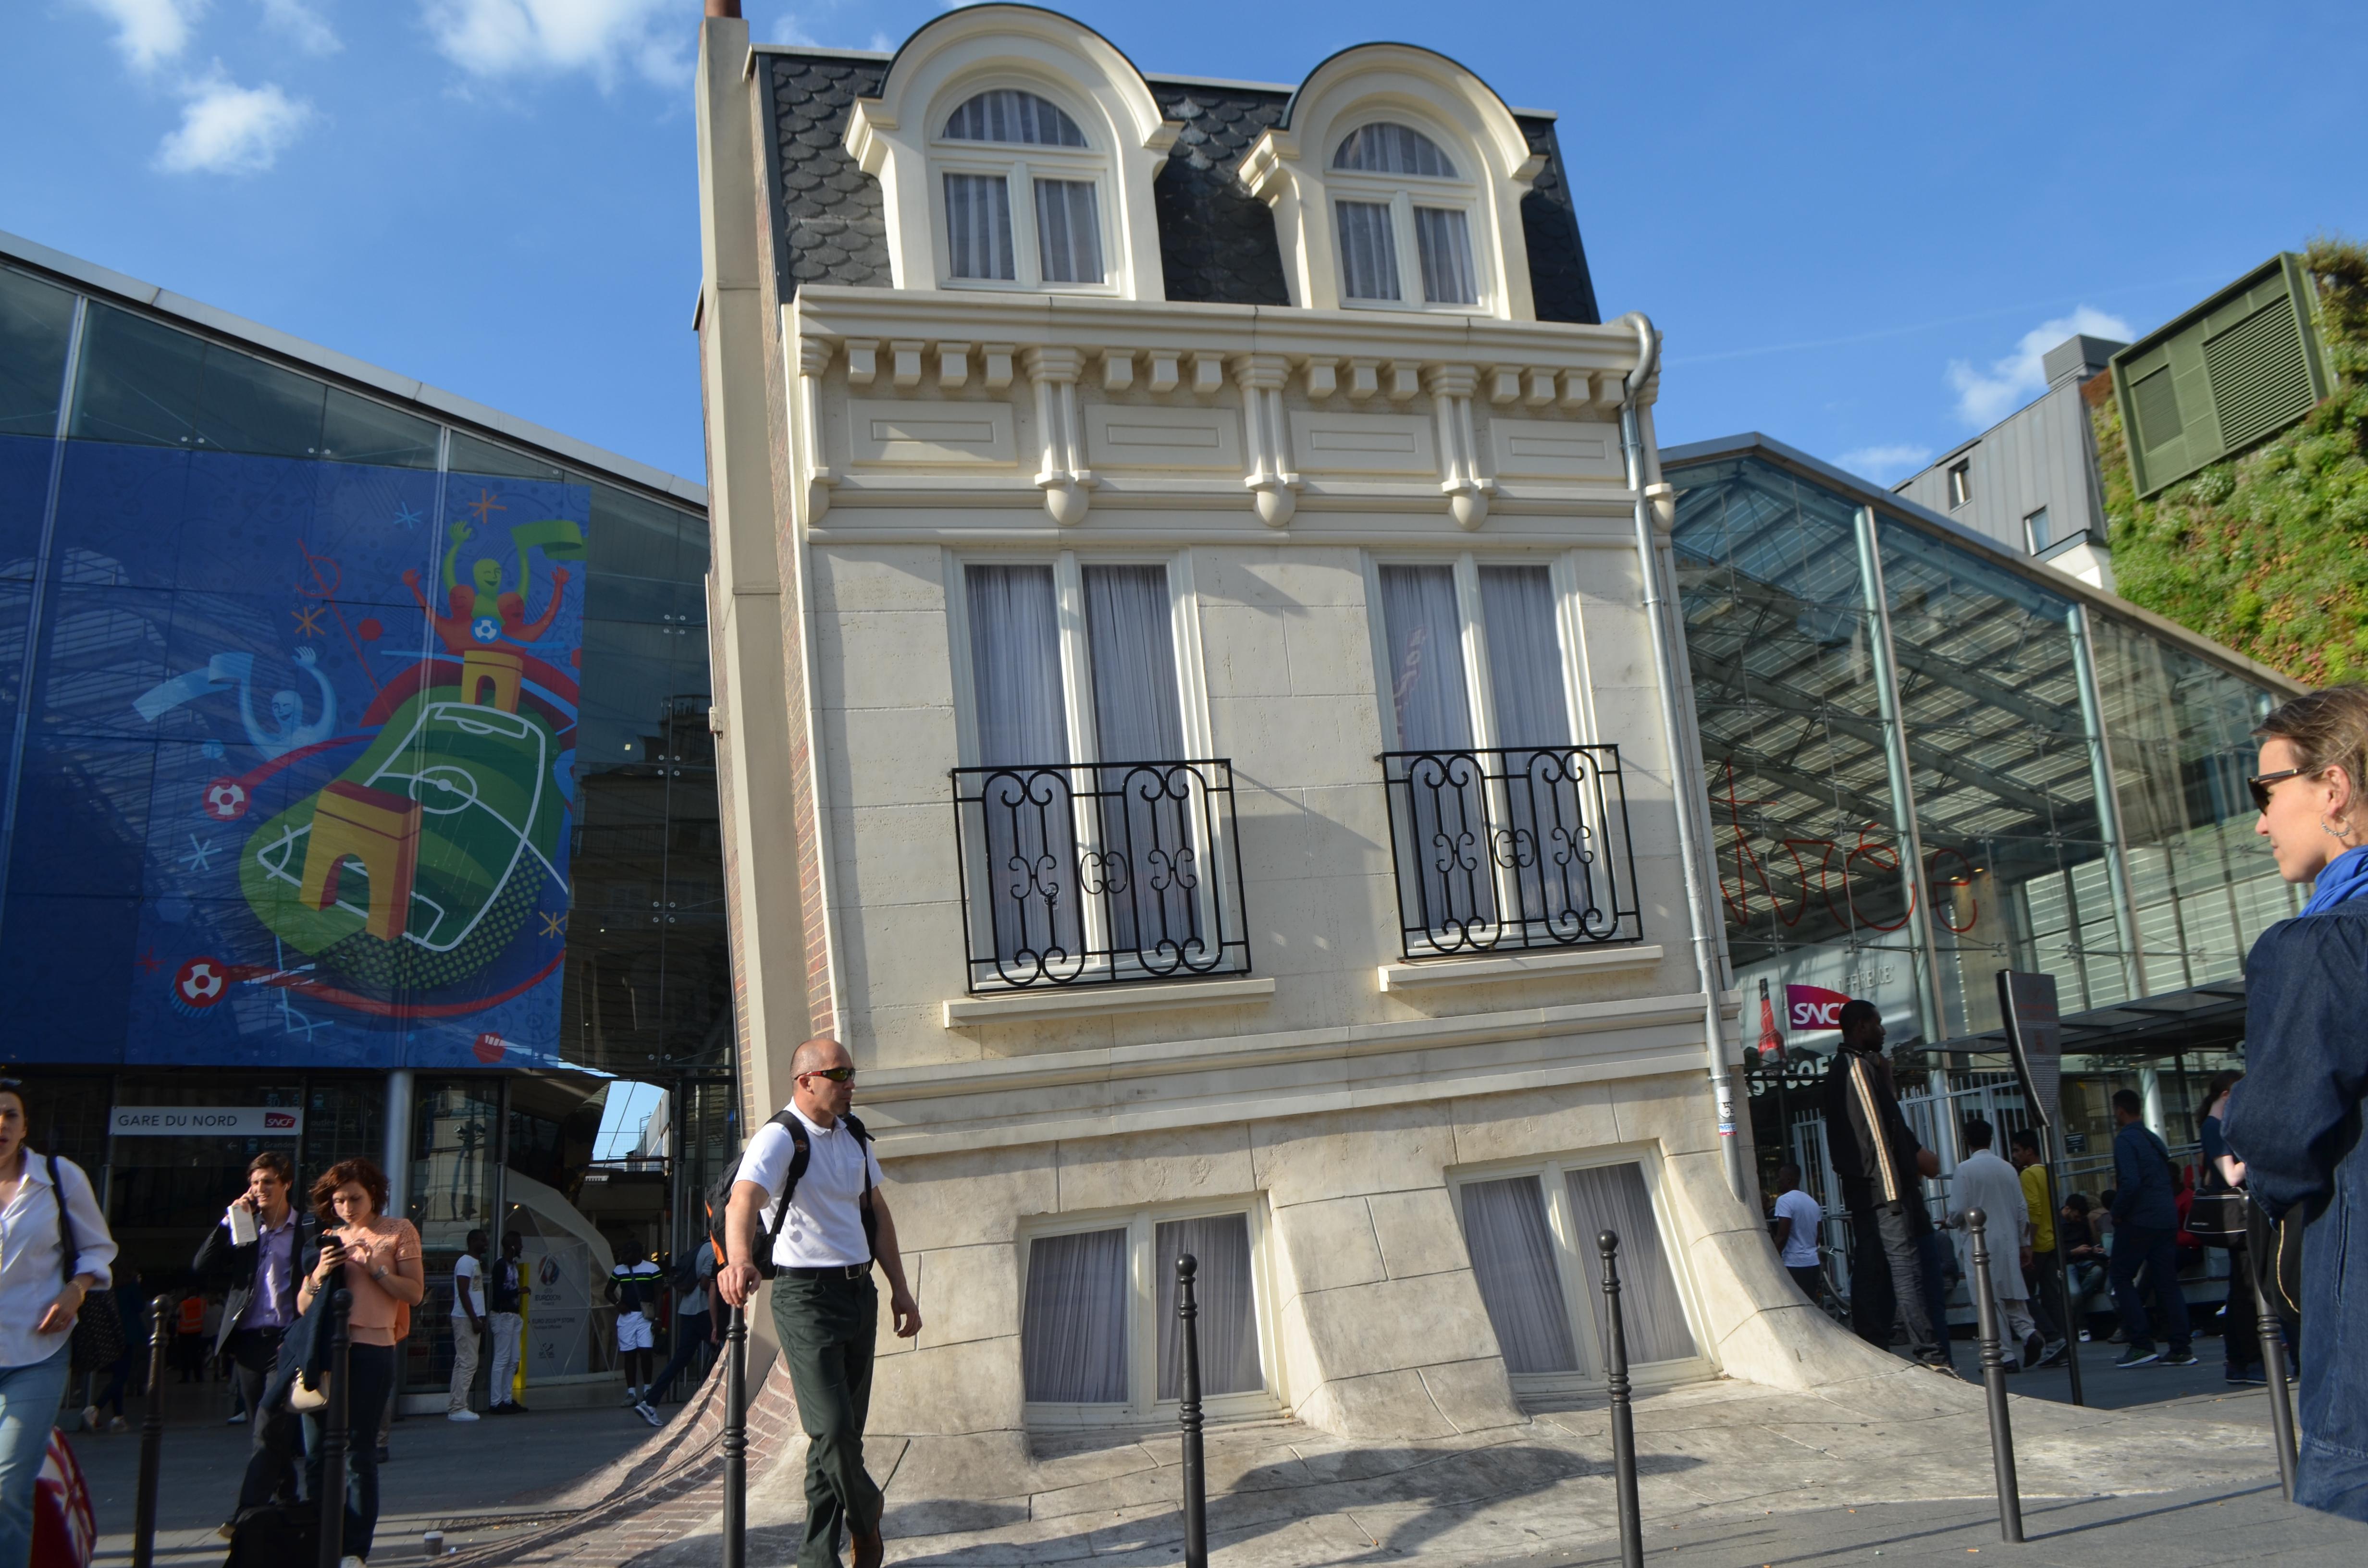 Commissariat de police de la gare du nord paris en m tro for Maison du nord